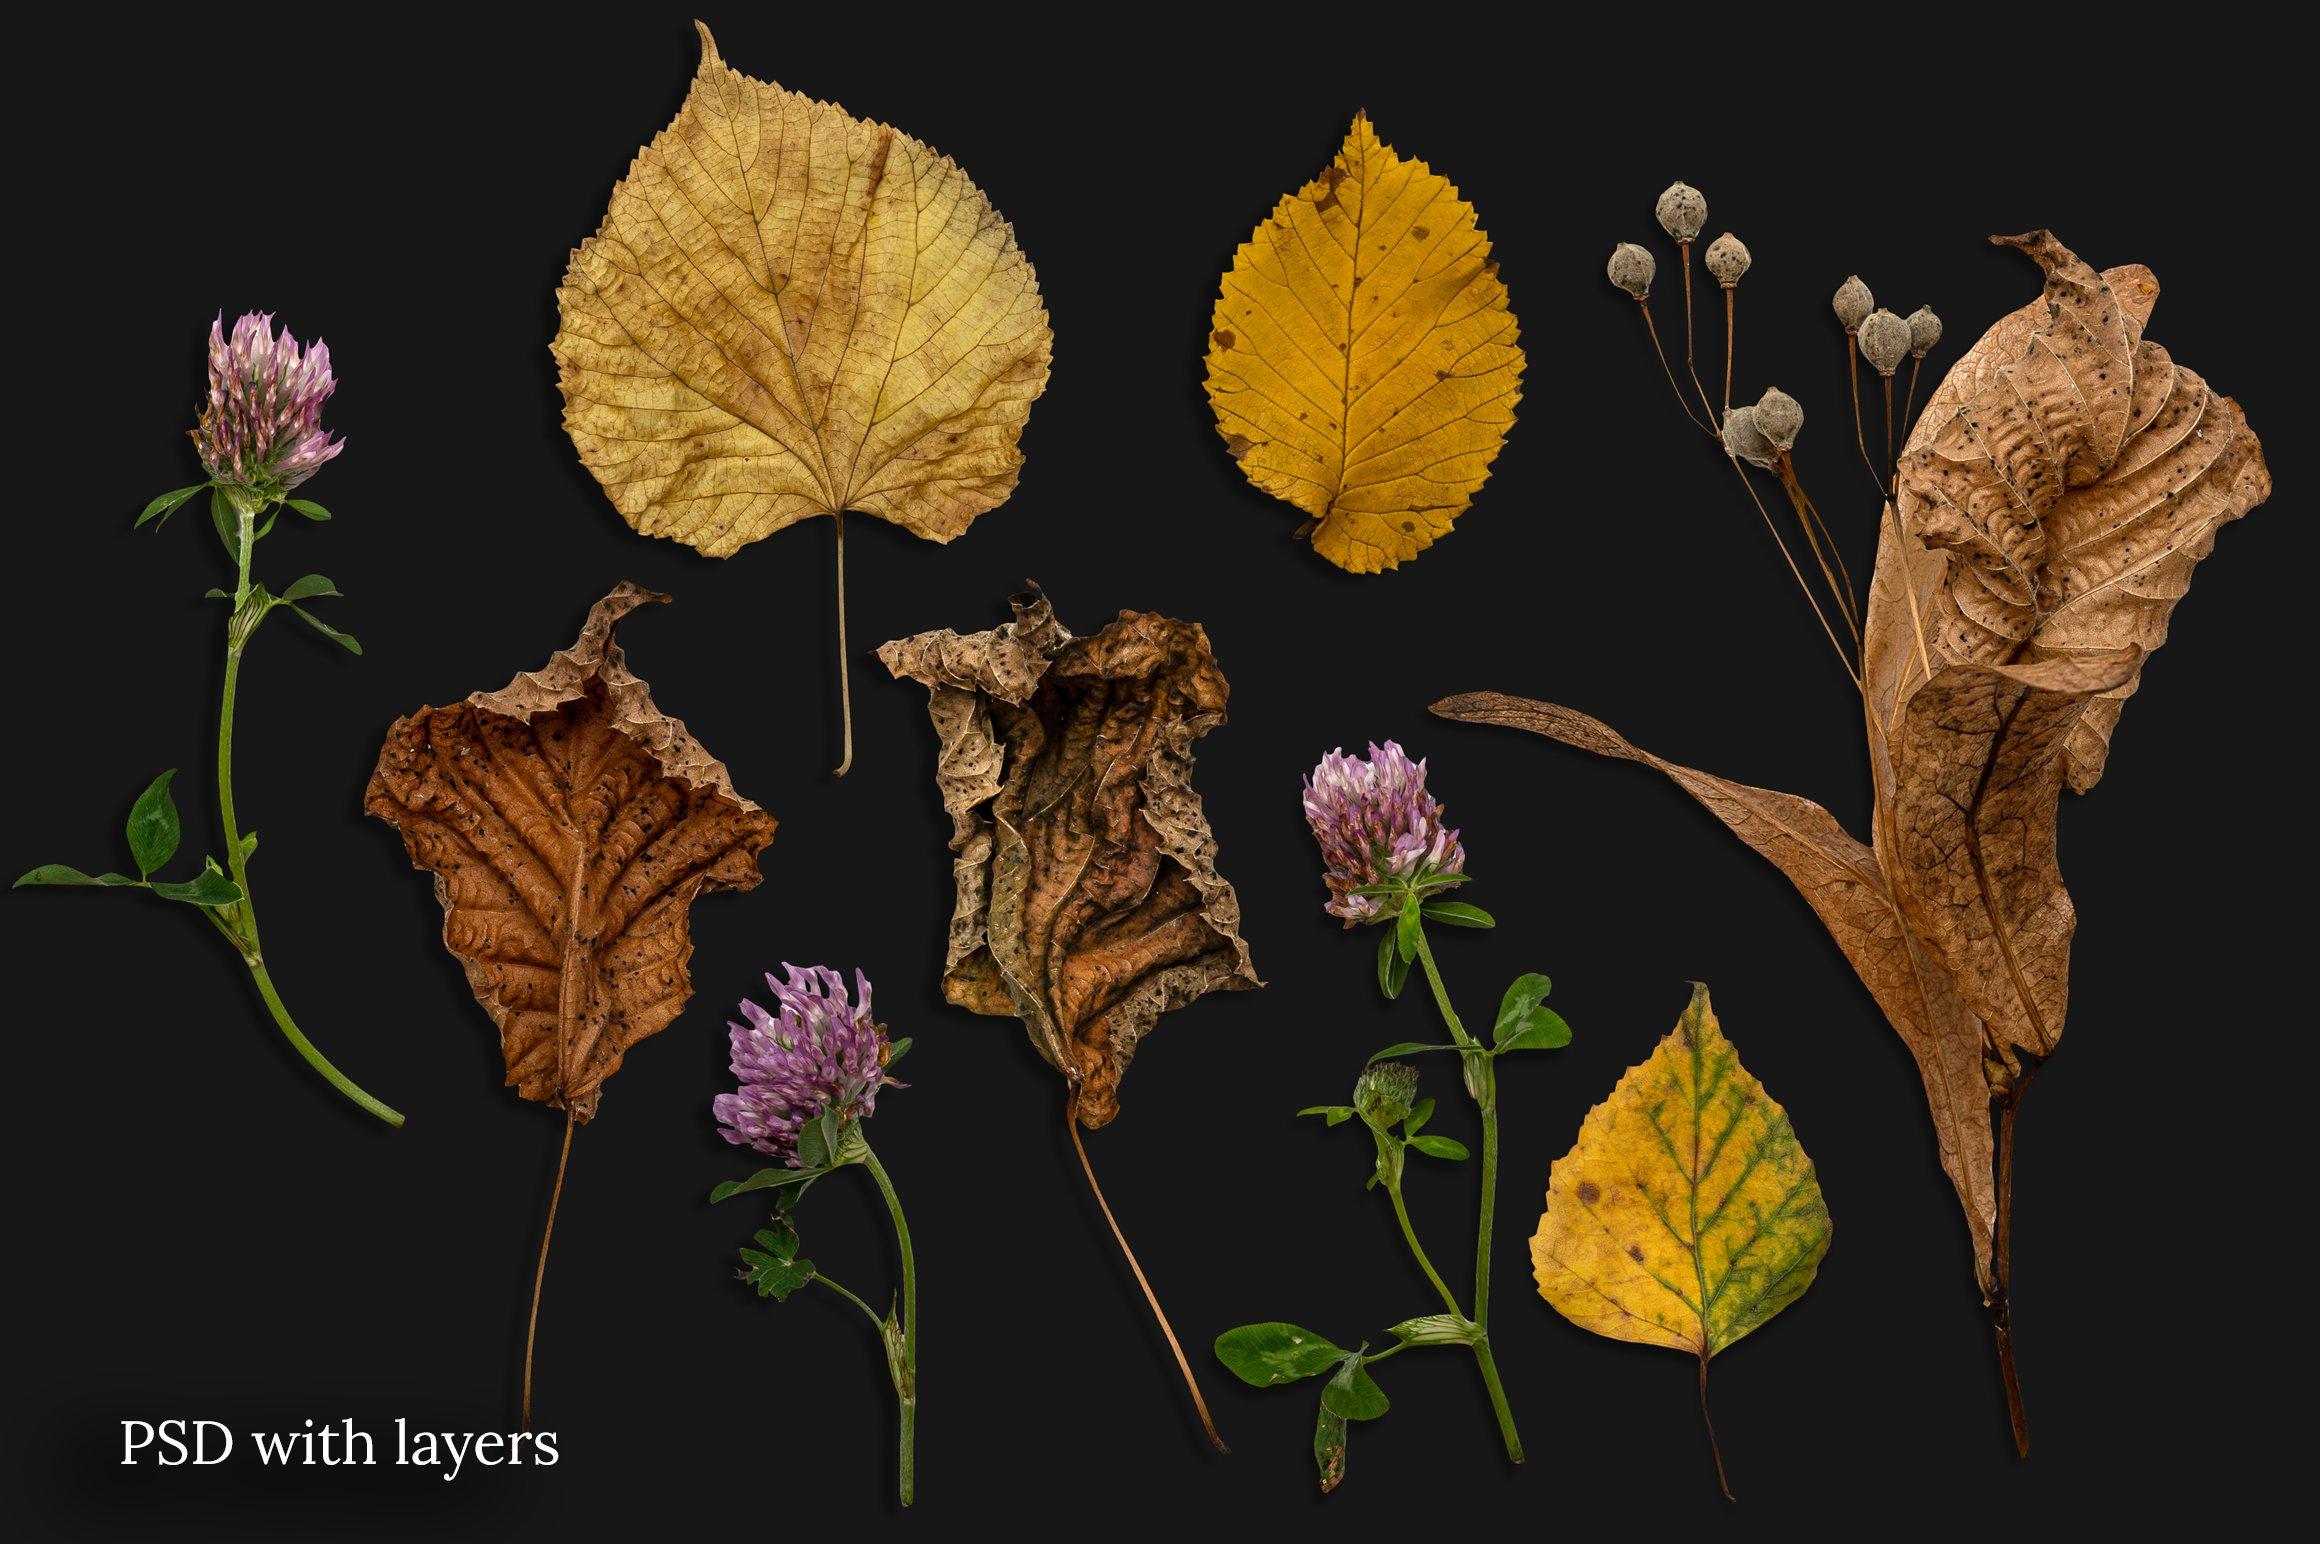 秋季森林元素场景背景图片素材 Autumn Forest Scene Creator插图(1)